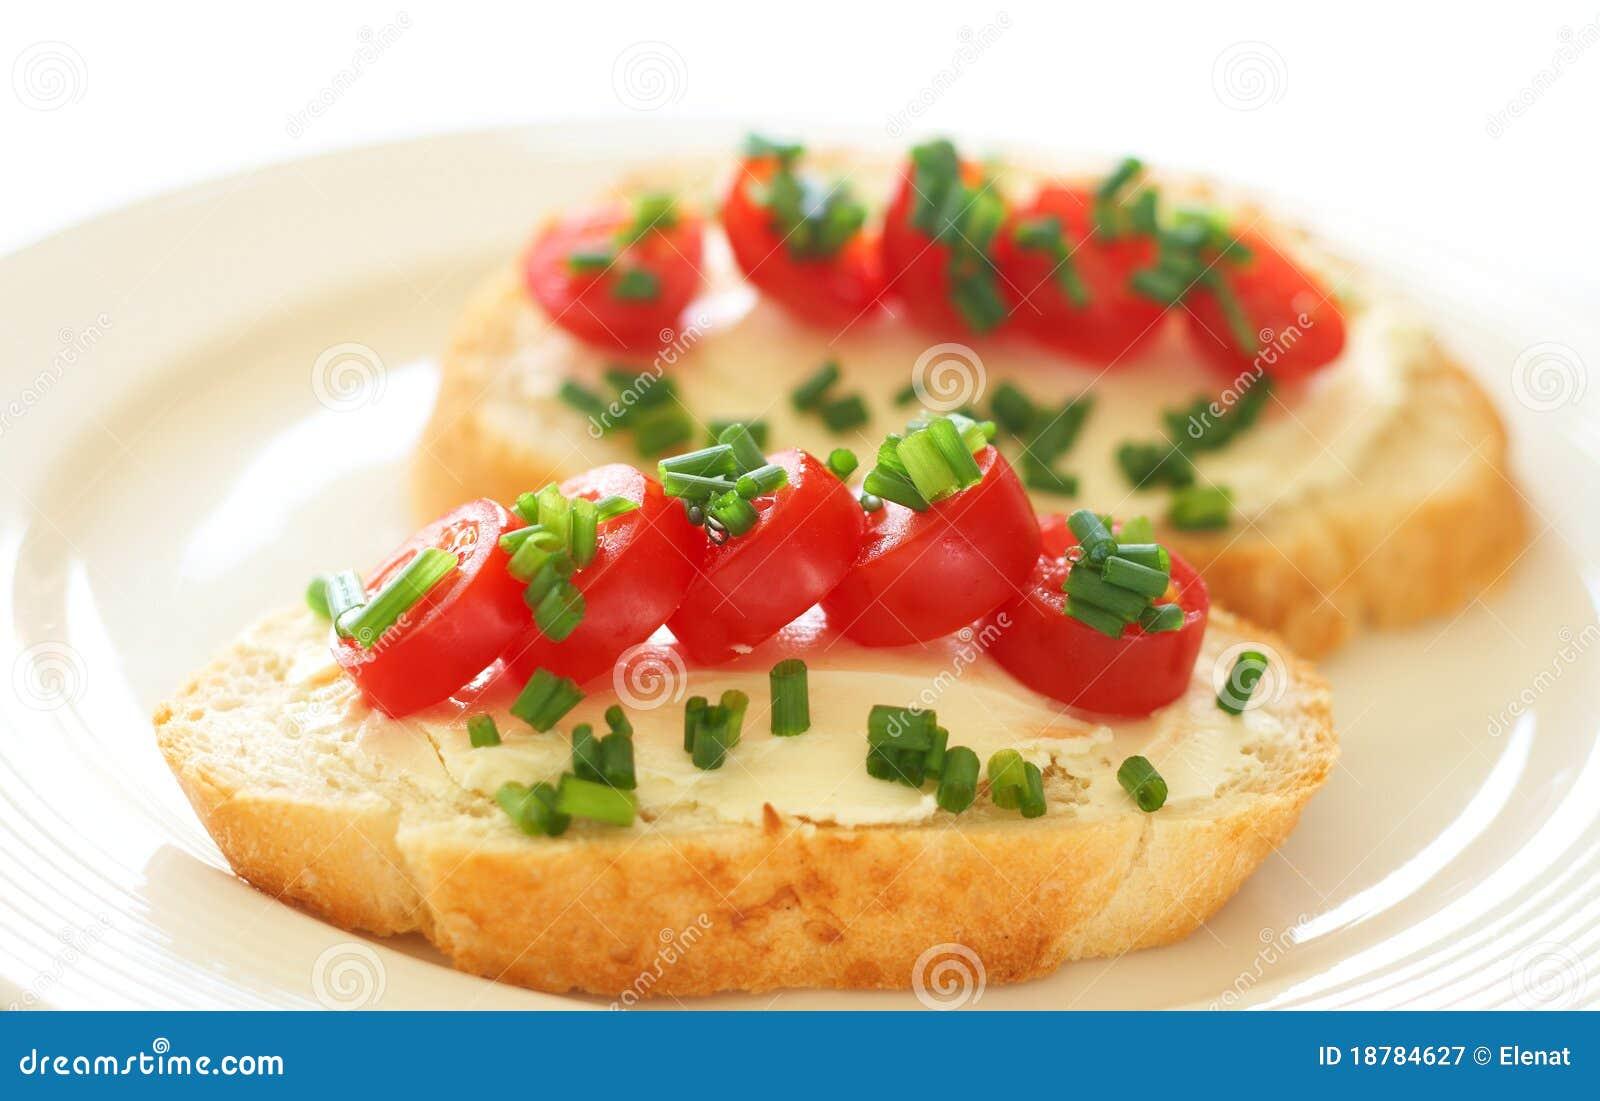 Smakelijke sandwich met roomkaas en tomaten